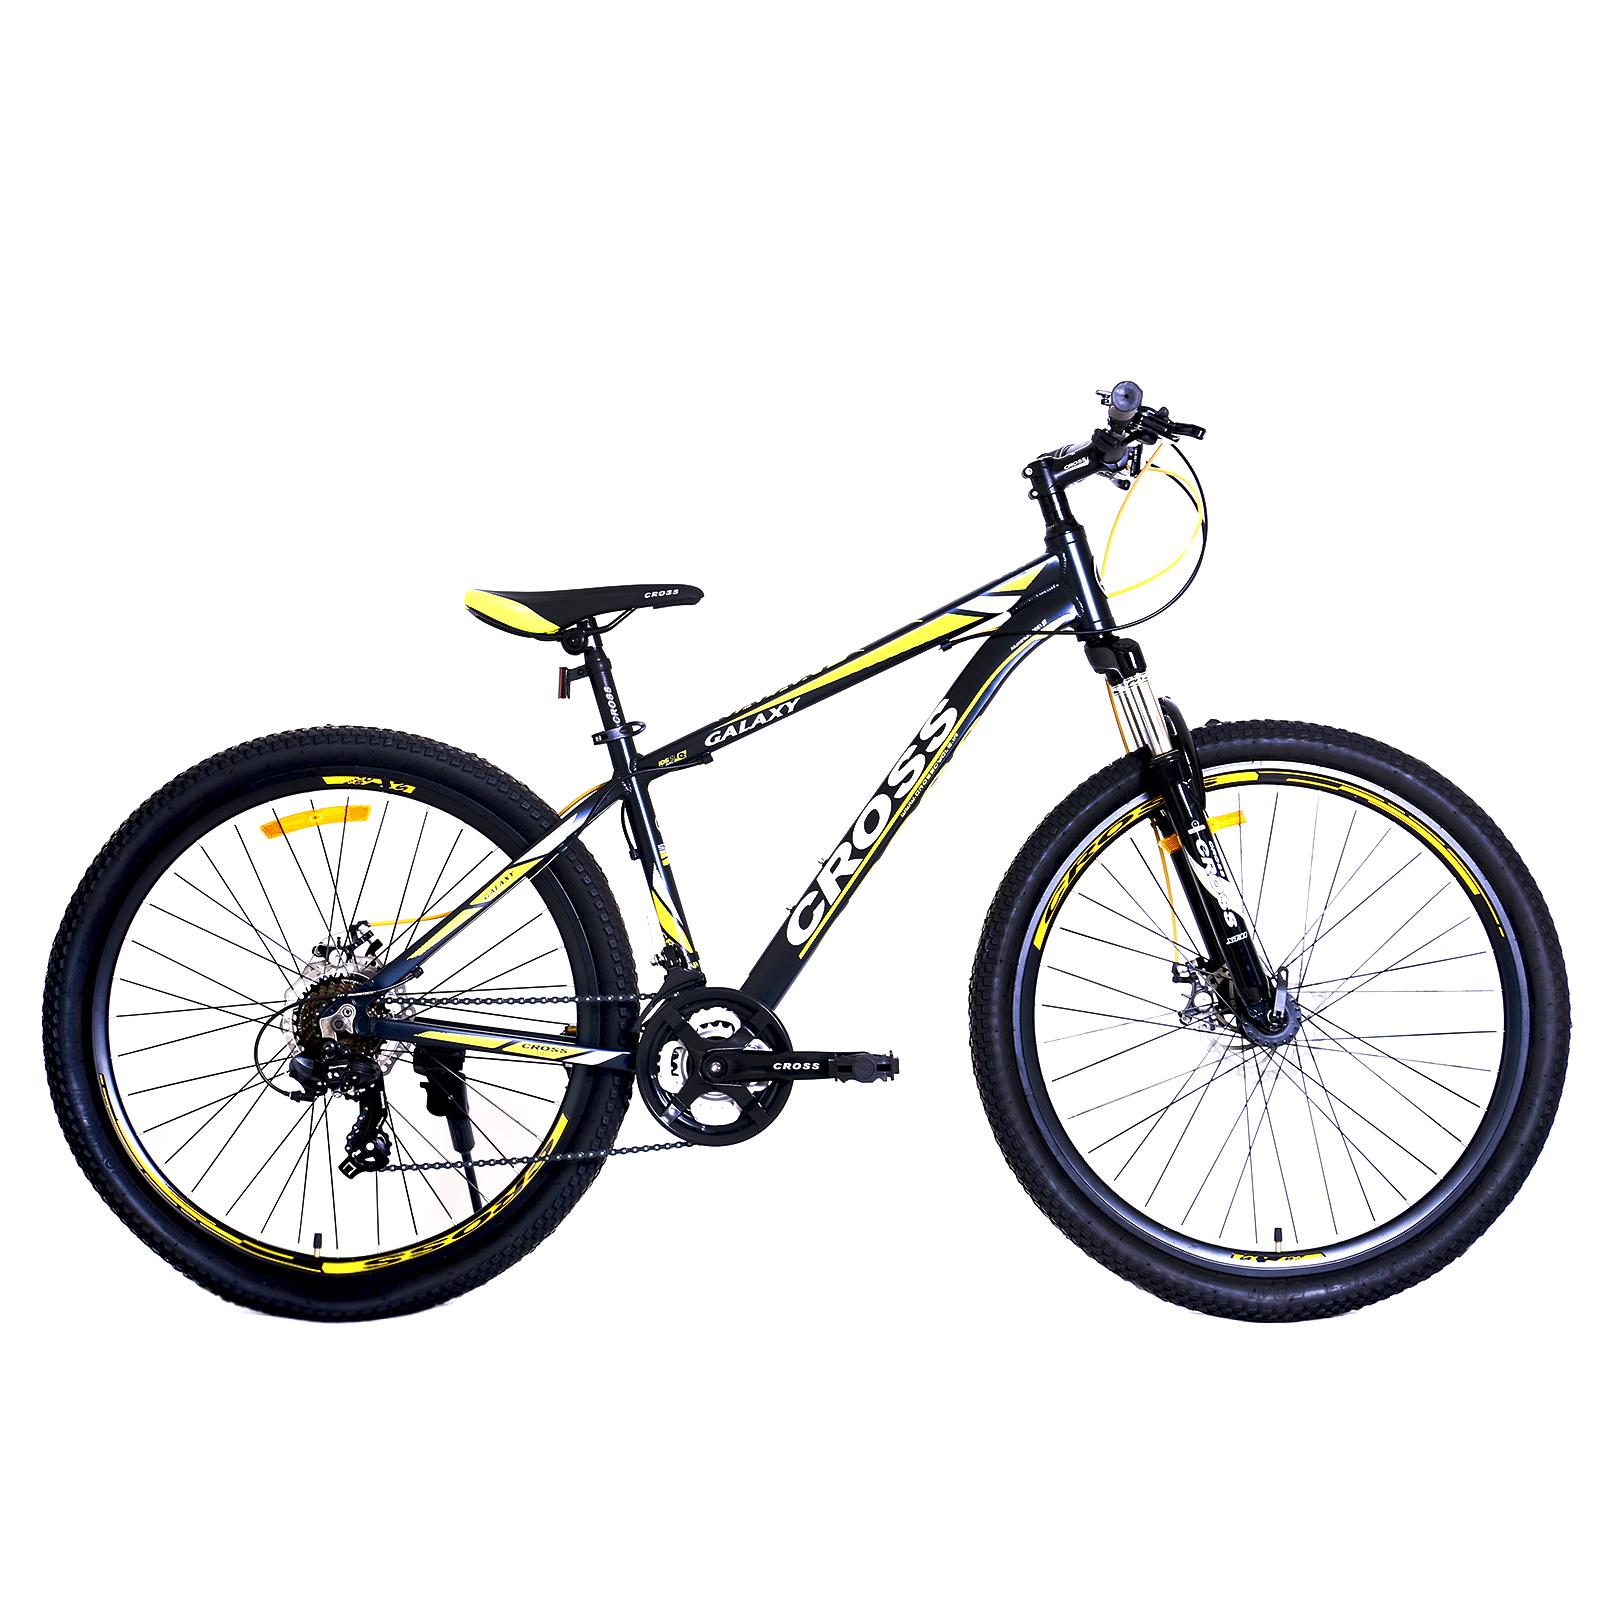 دوچرخه کوهستان کراس مدل GALAXY سایز 27.5